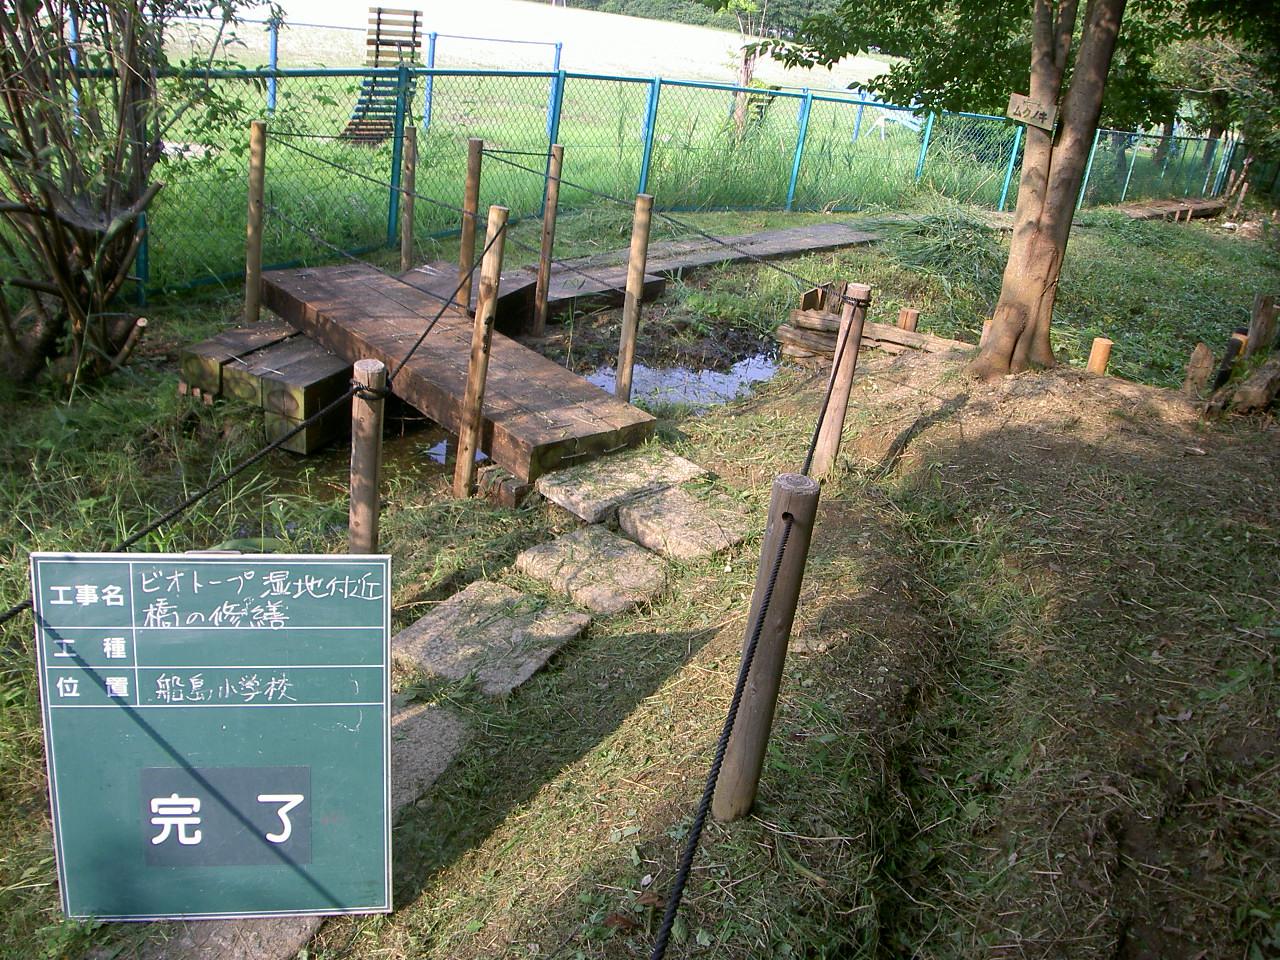 ビオトープ施工事例 山長造園(愛知県東海市)